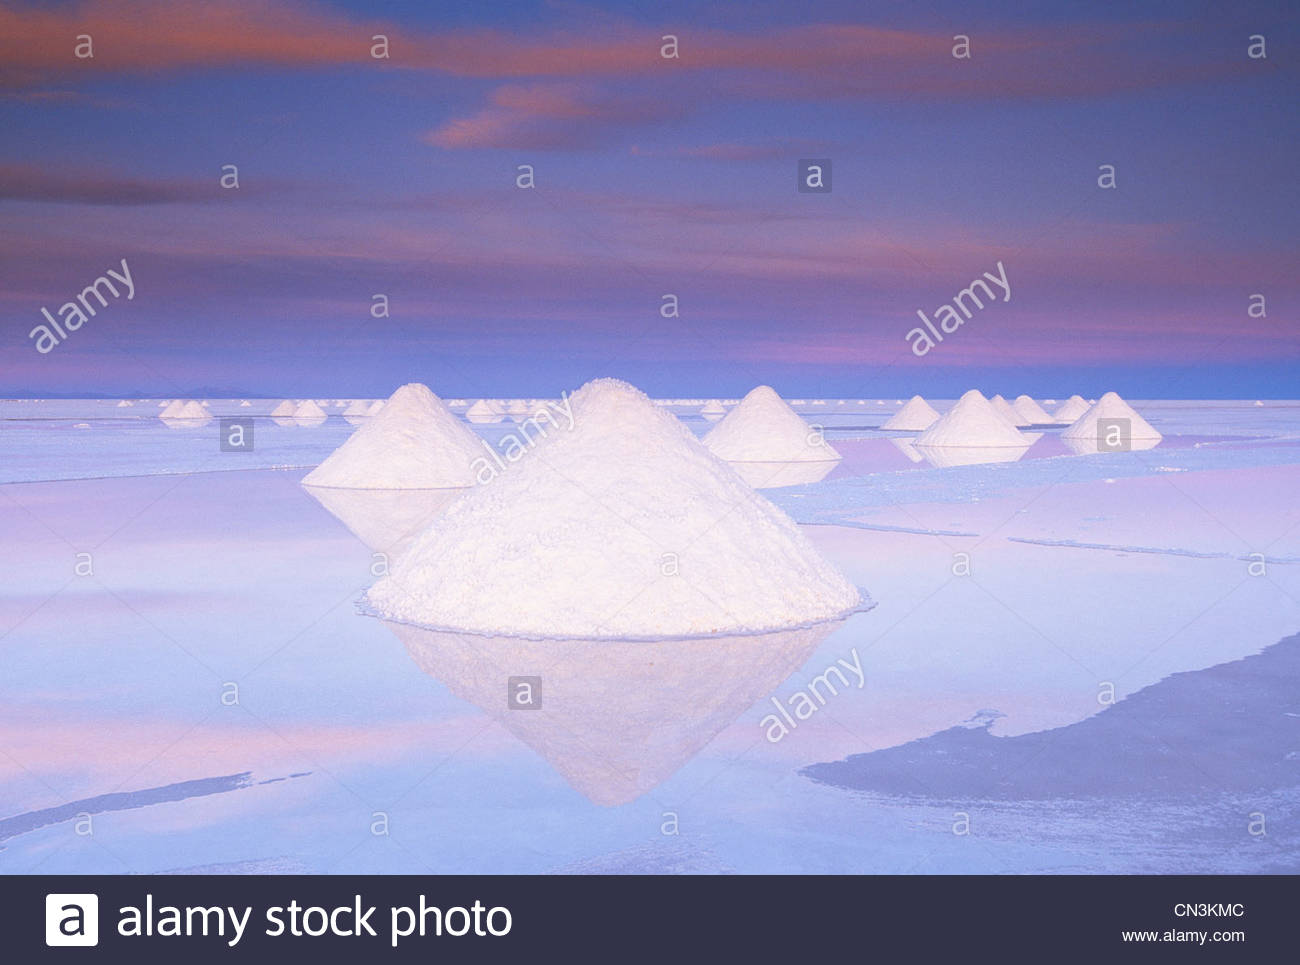 Salar de Uyuni, Altiplano, Bolivia - Stock Image